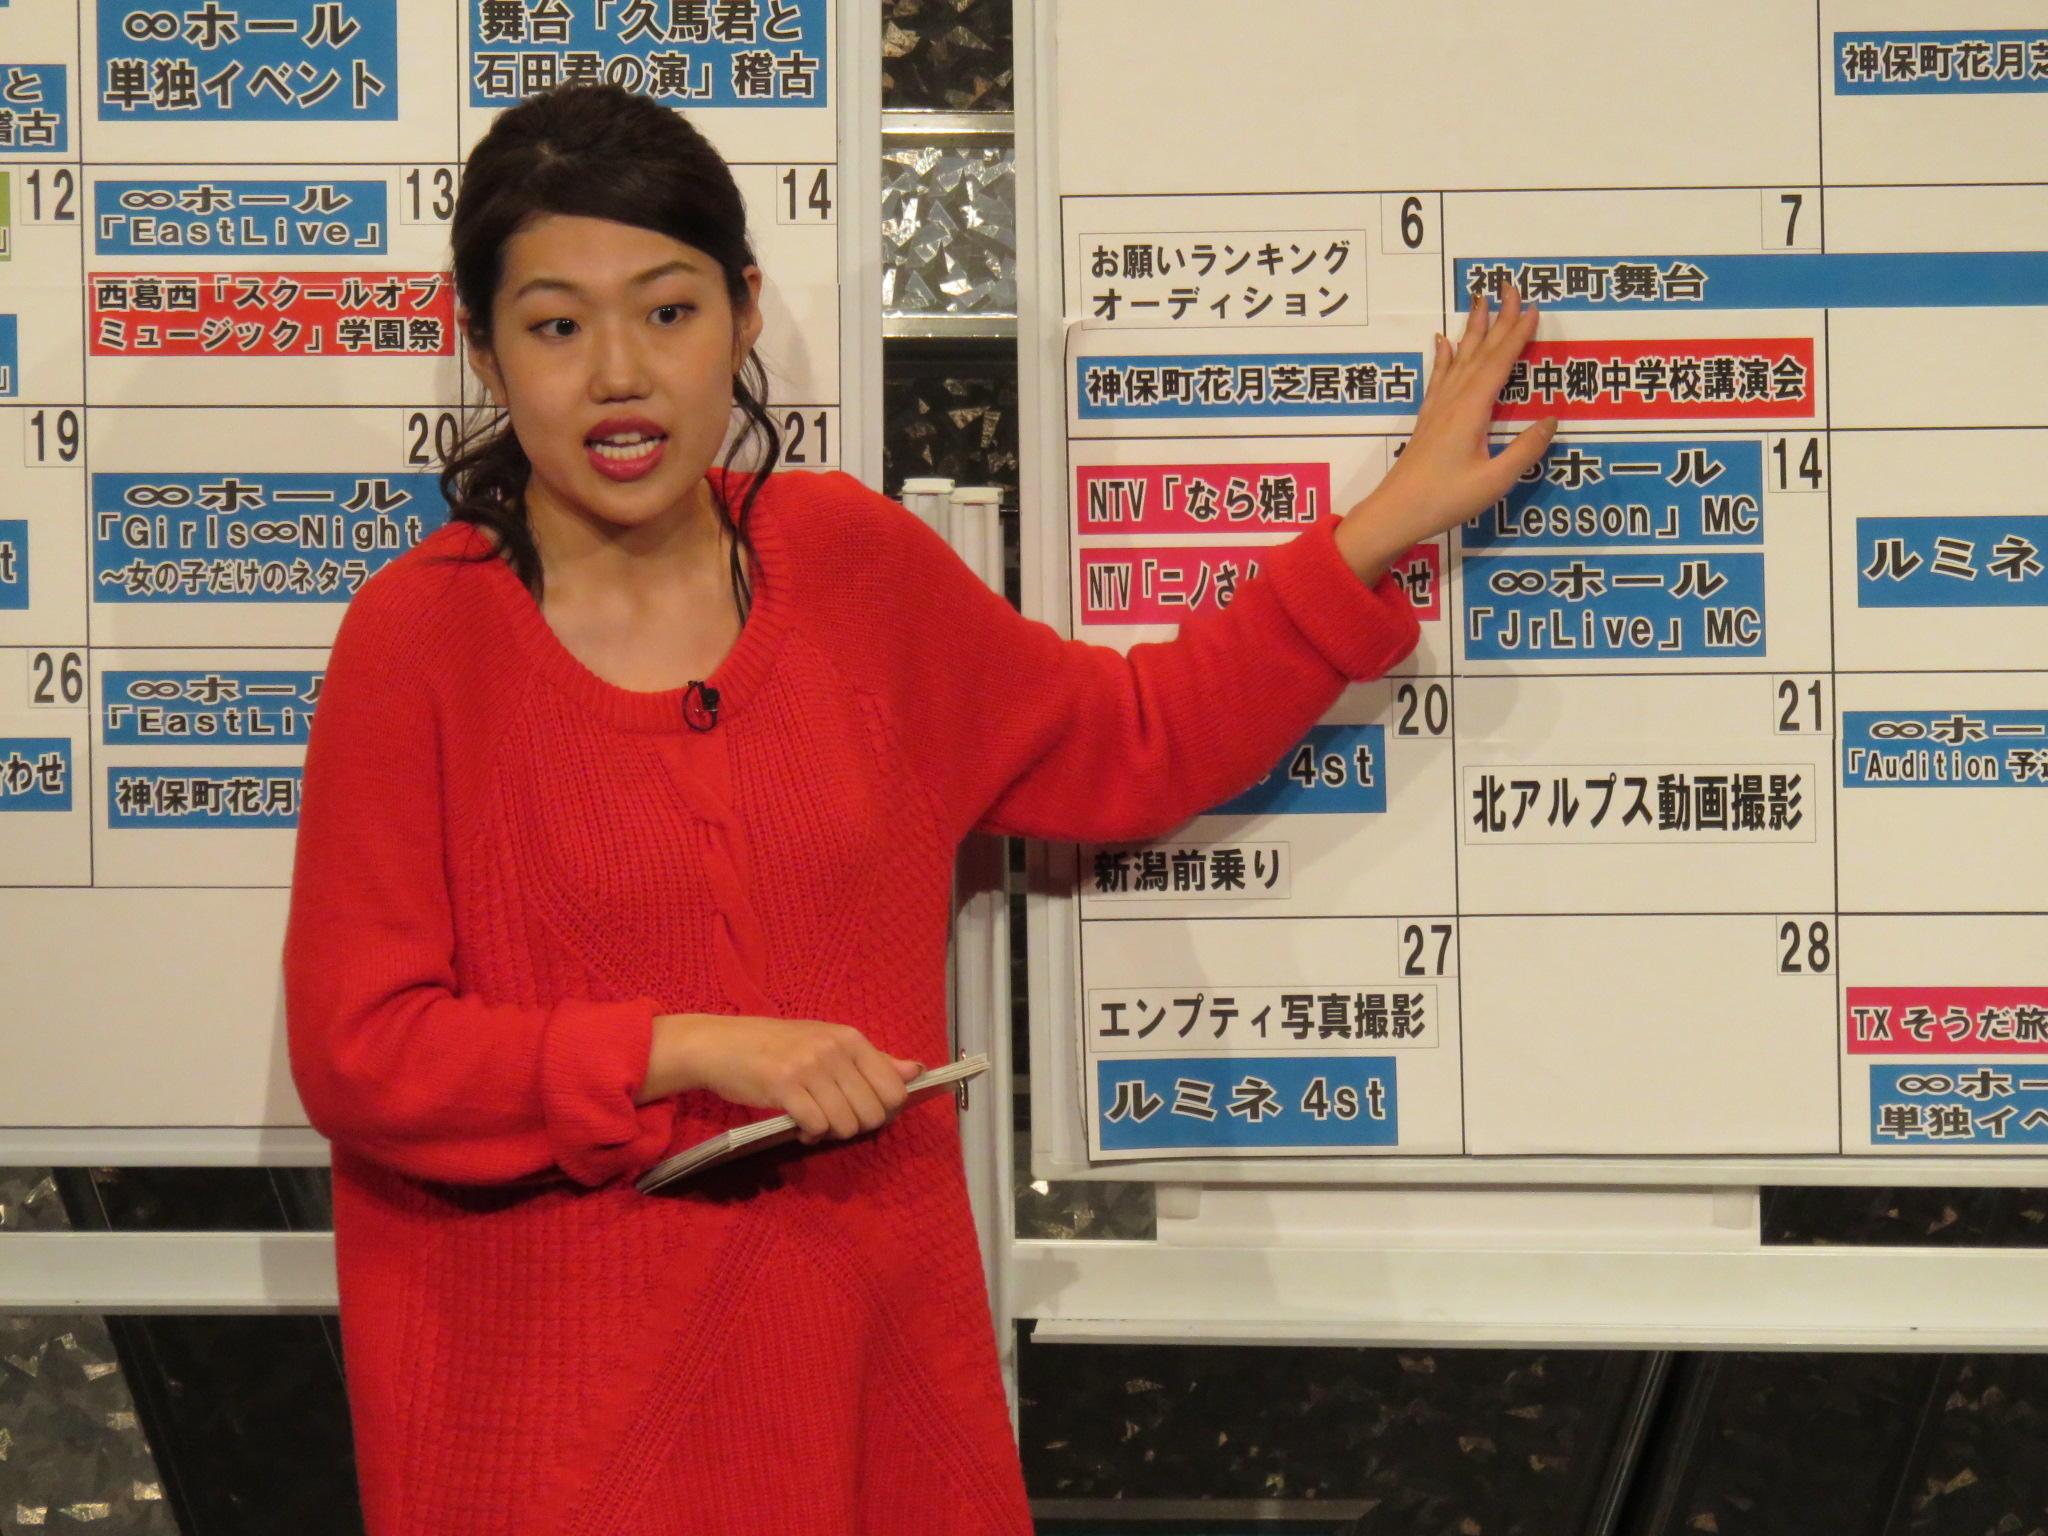 http://news.yoshimoto.co.jp/20160229222635-f6ff4c4da0a50c895541e37183aada8d6c7bd4bc.jpg